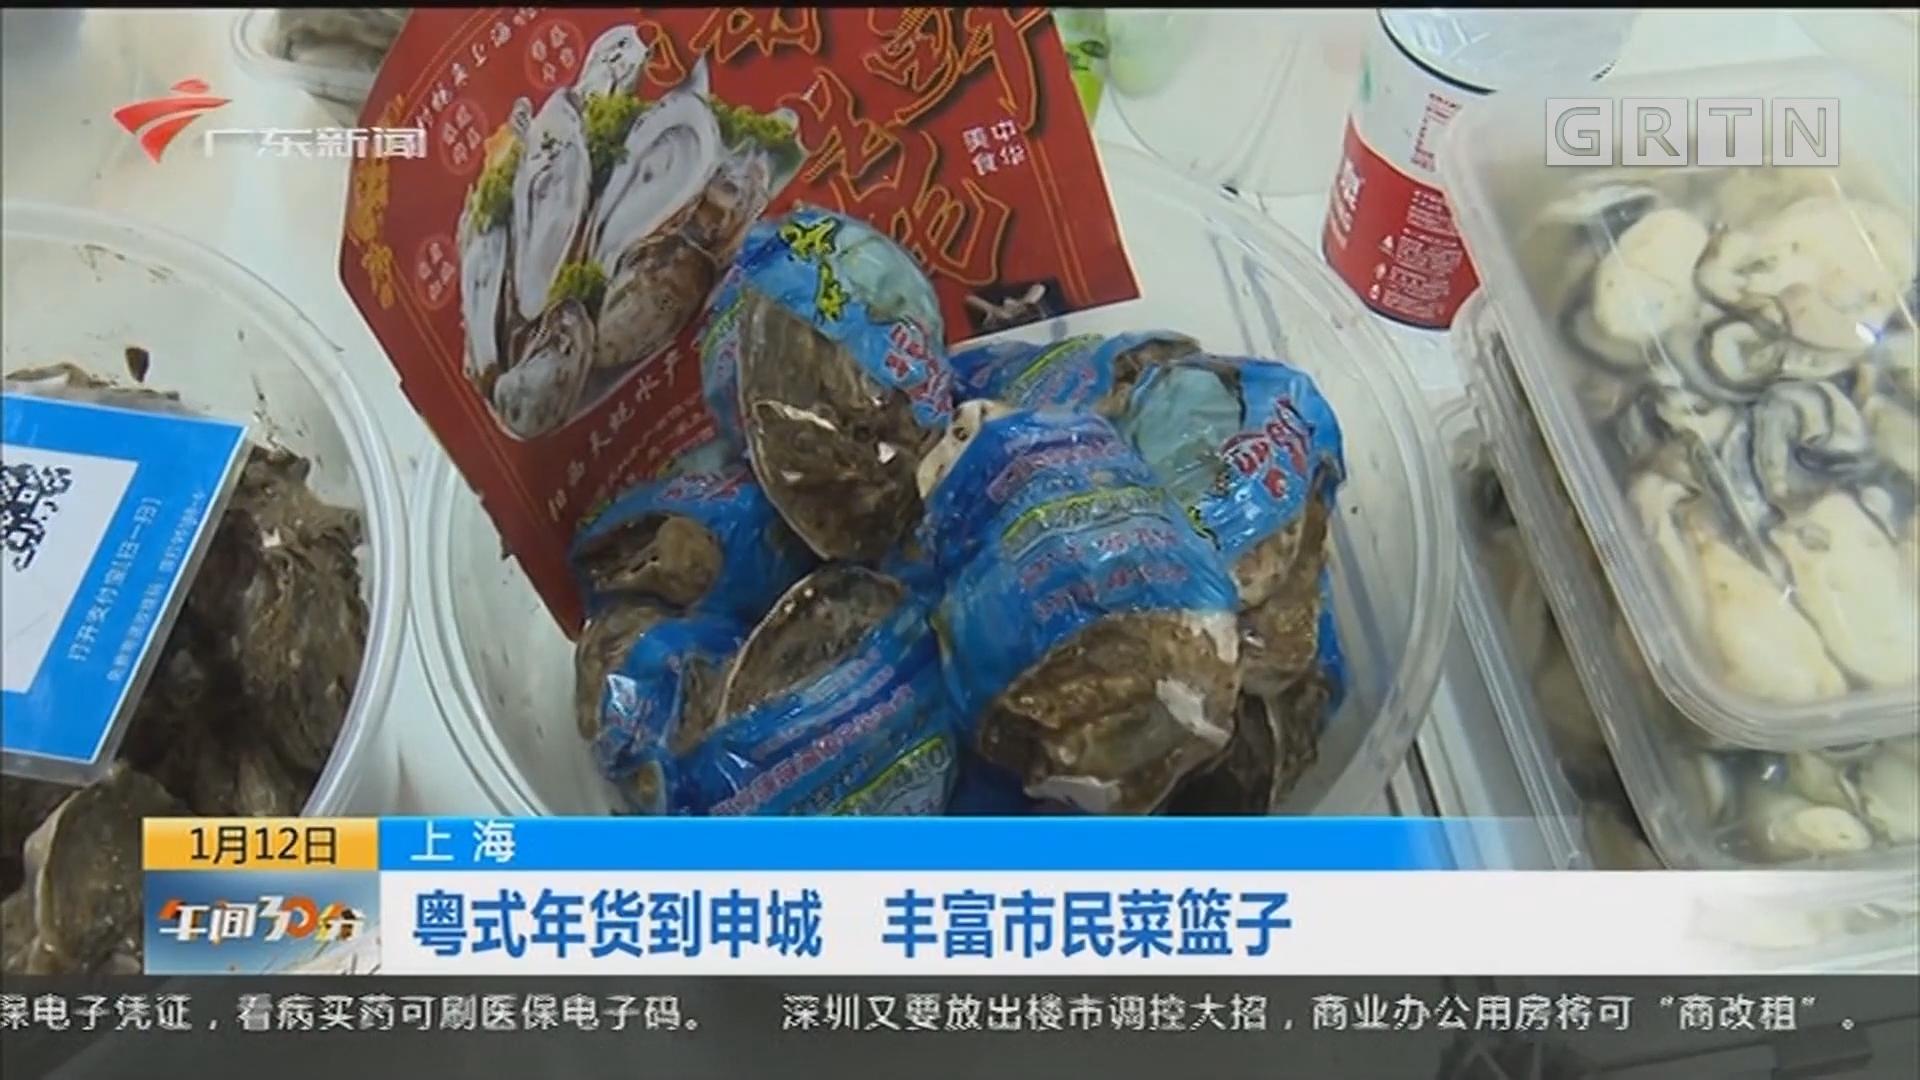 上海:粤式年货到申城 丰富市民菜篮子